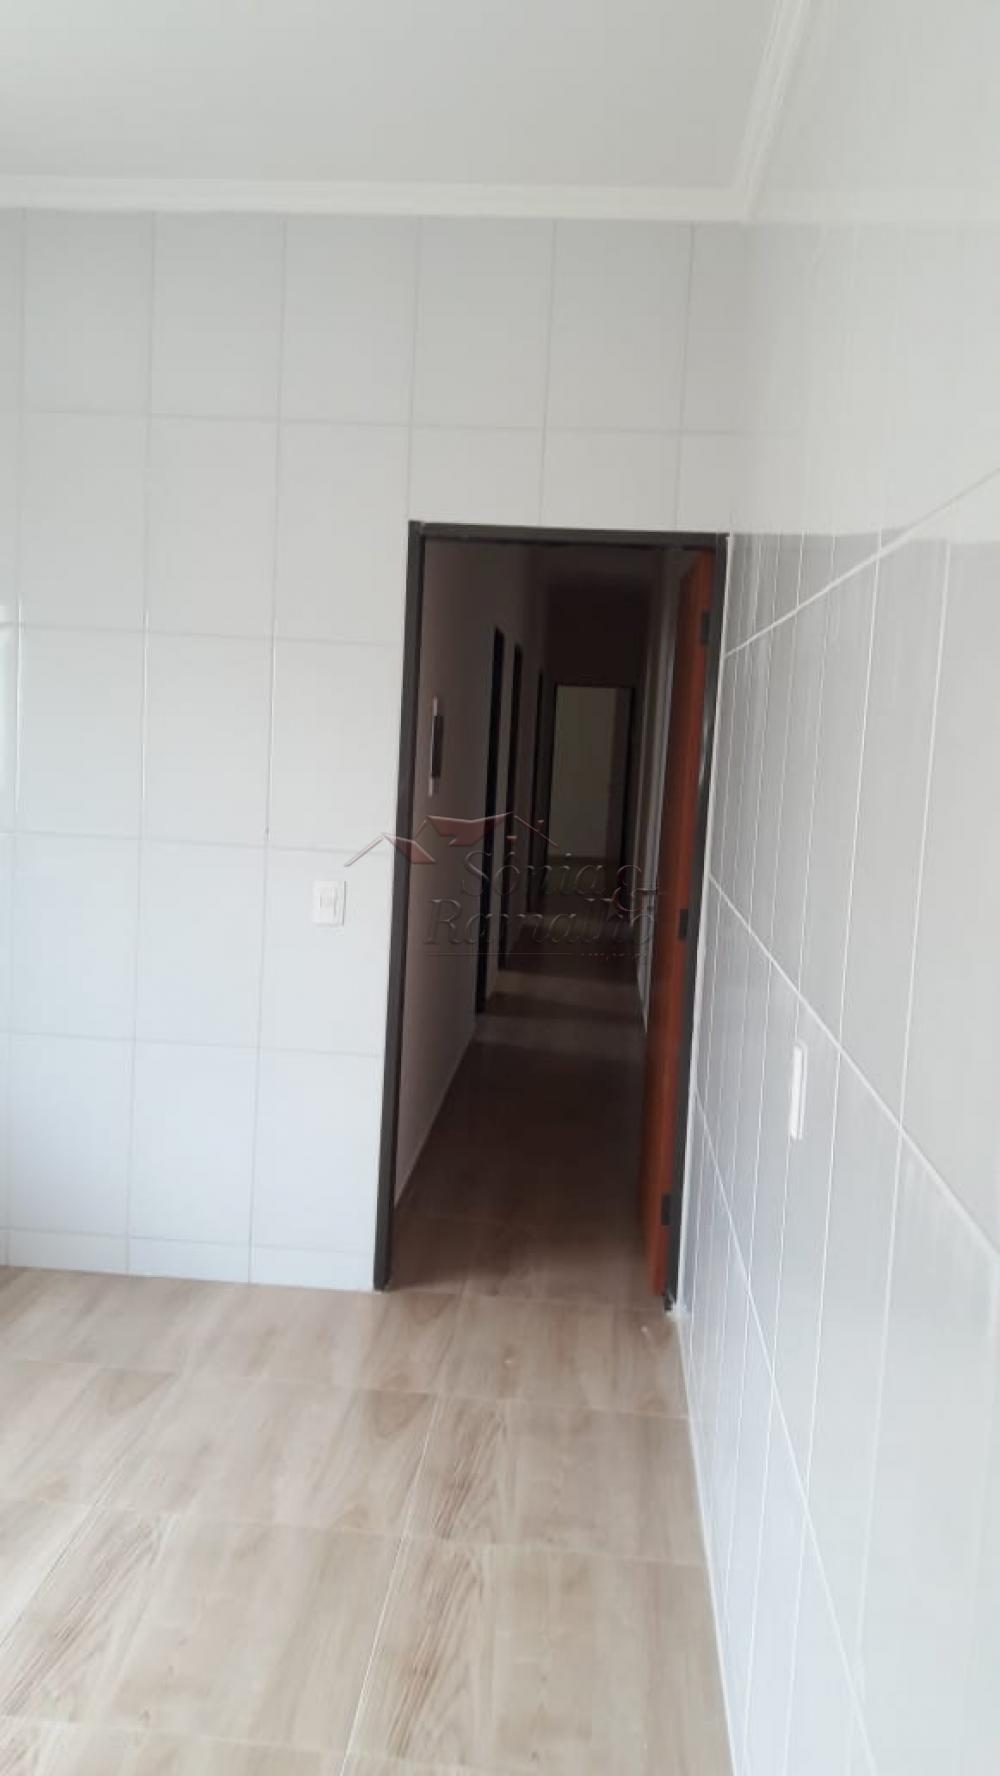 Comprar Casas / Padrão em Ribeirão Preto apenas R$ 290.000,00 - Foto 13